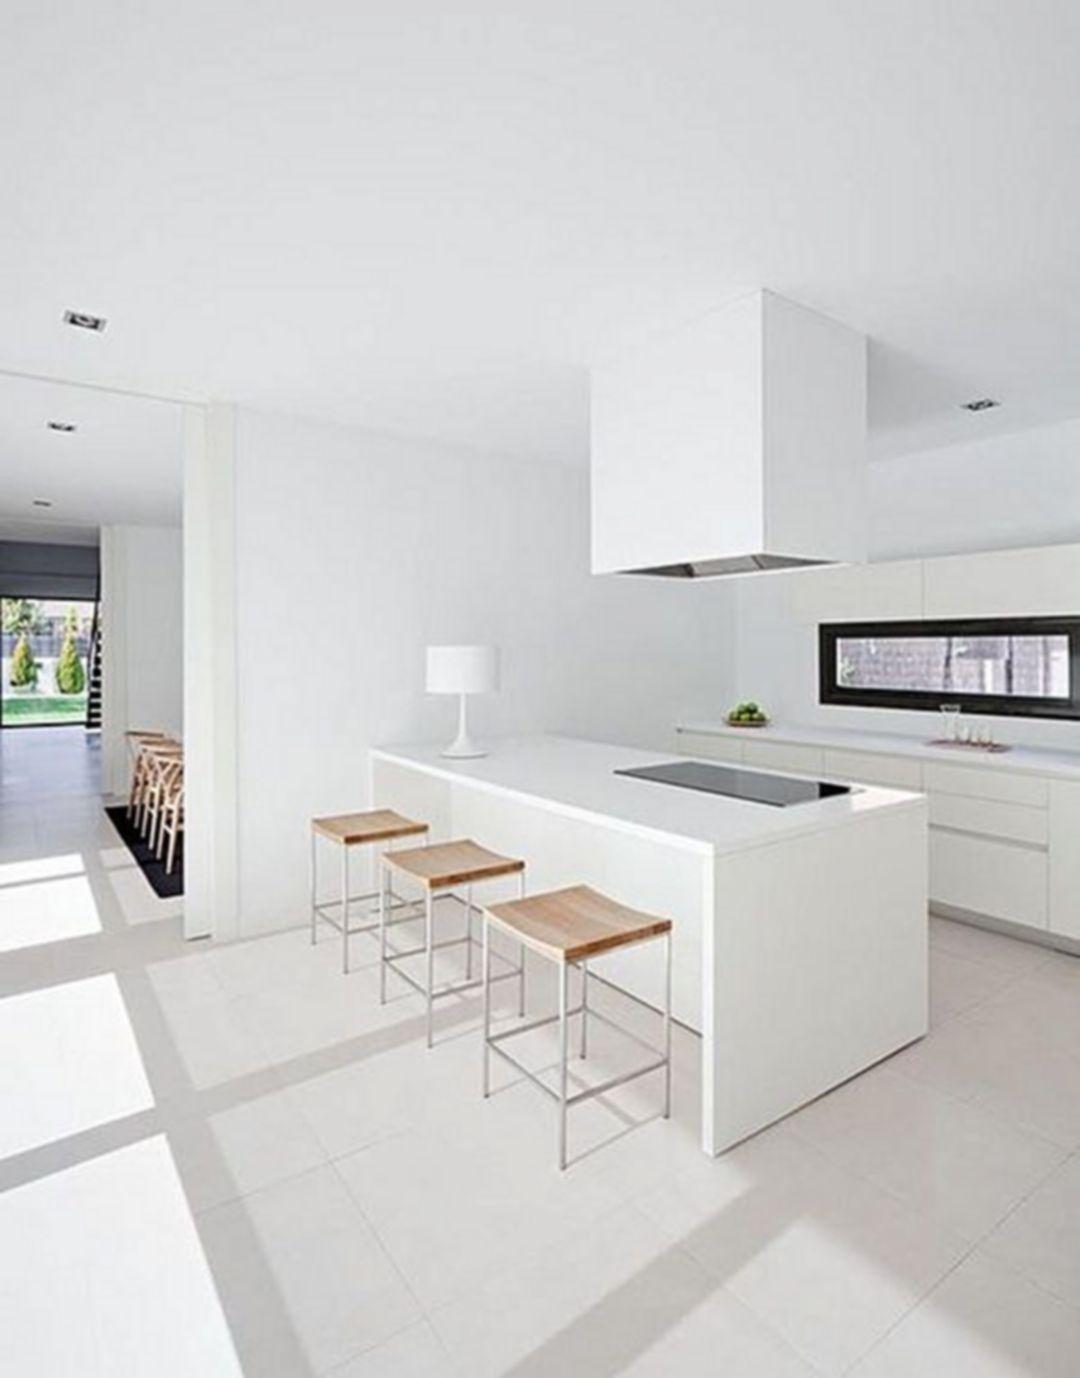 Best 20 Elegant And Modern Home Kitchen Design Ideas 2018 400 x 300